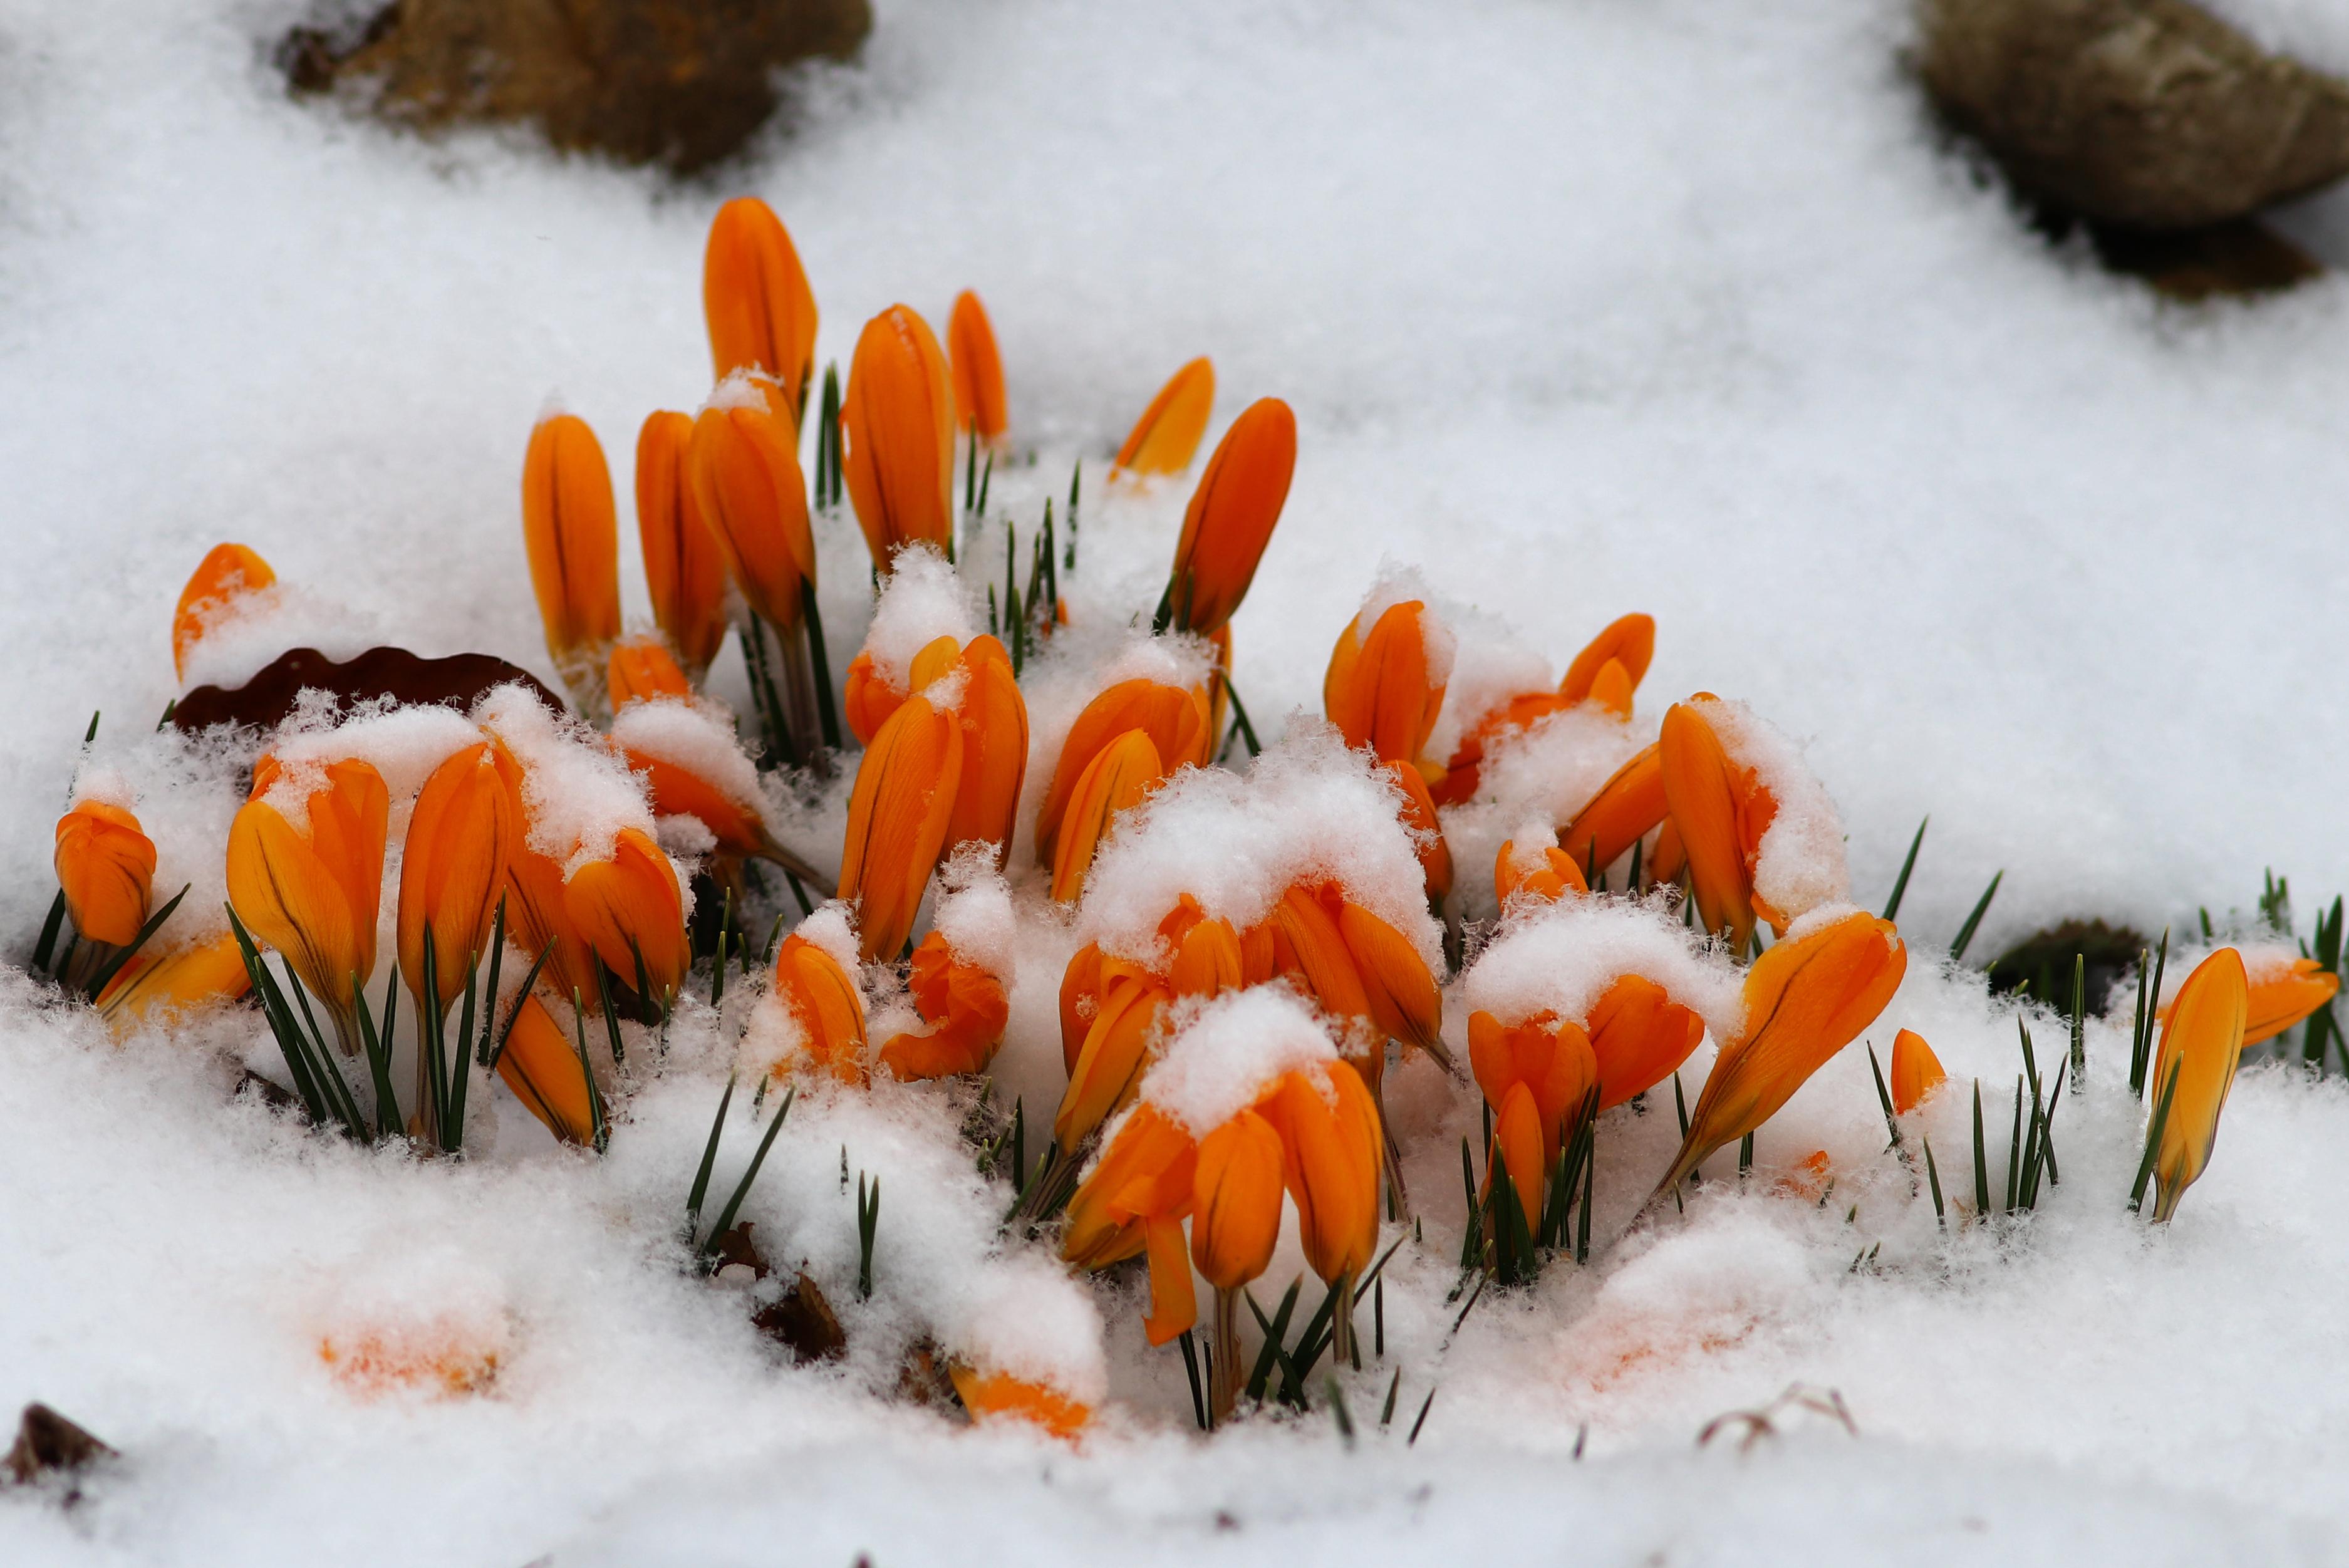 окончании открытки крокусы в снегу невидимого